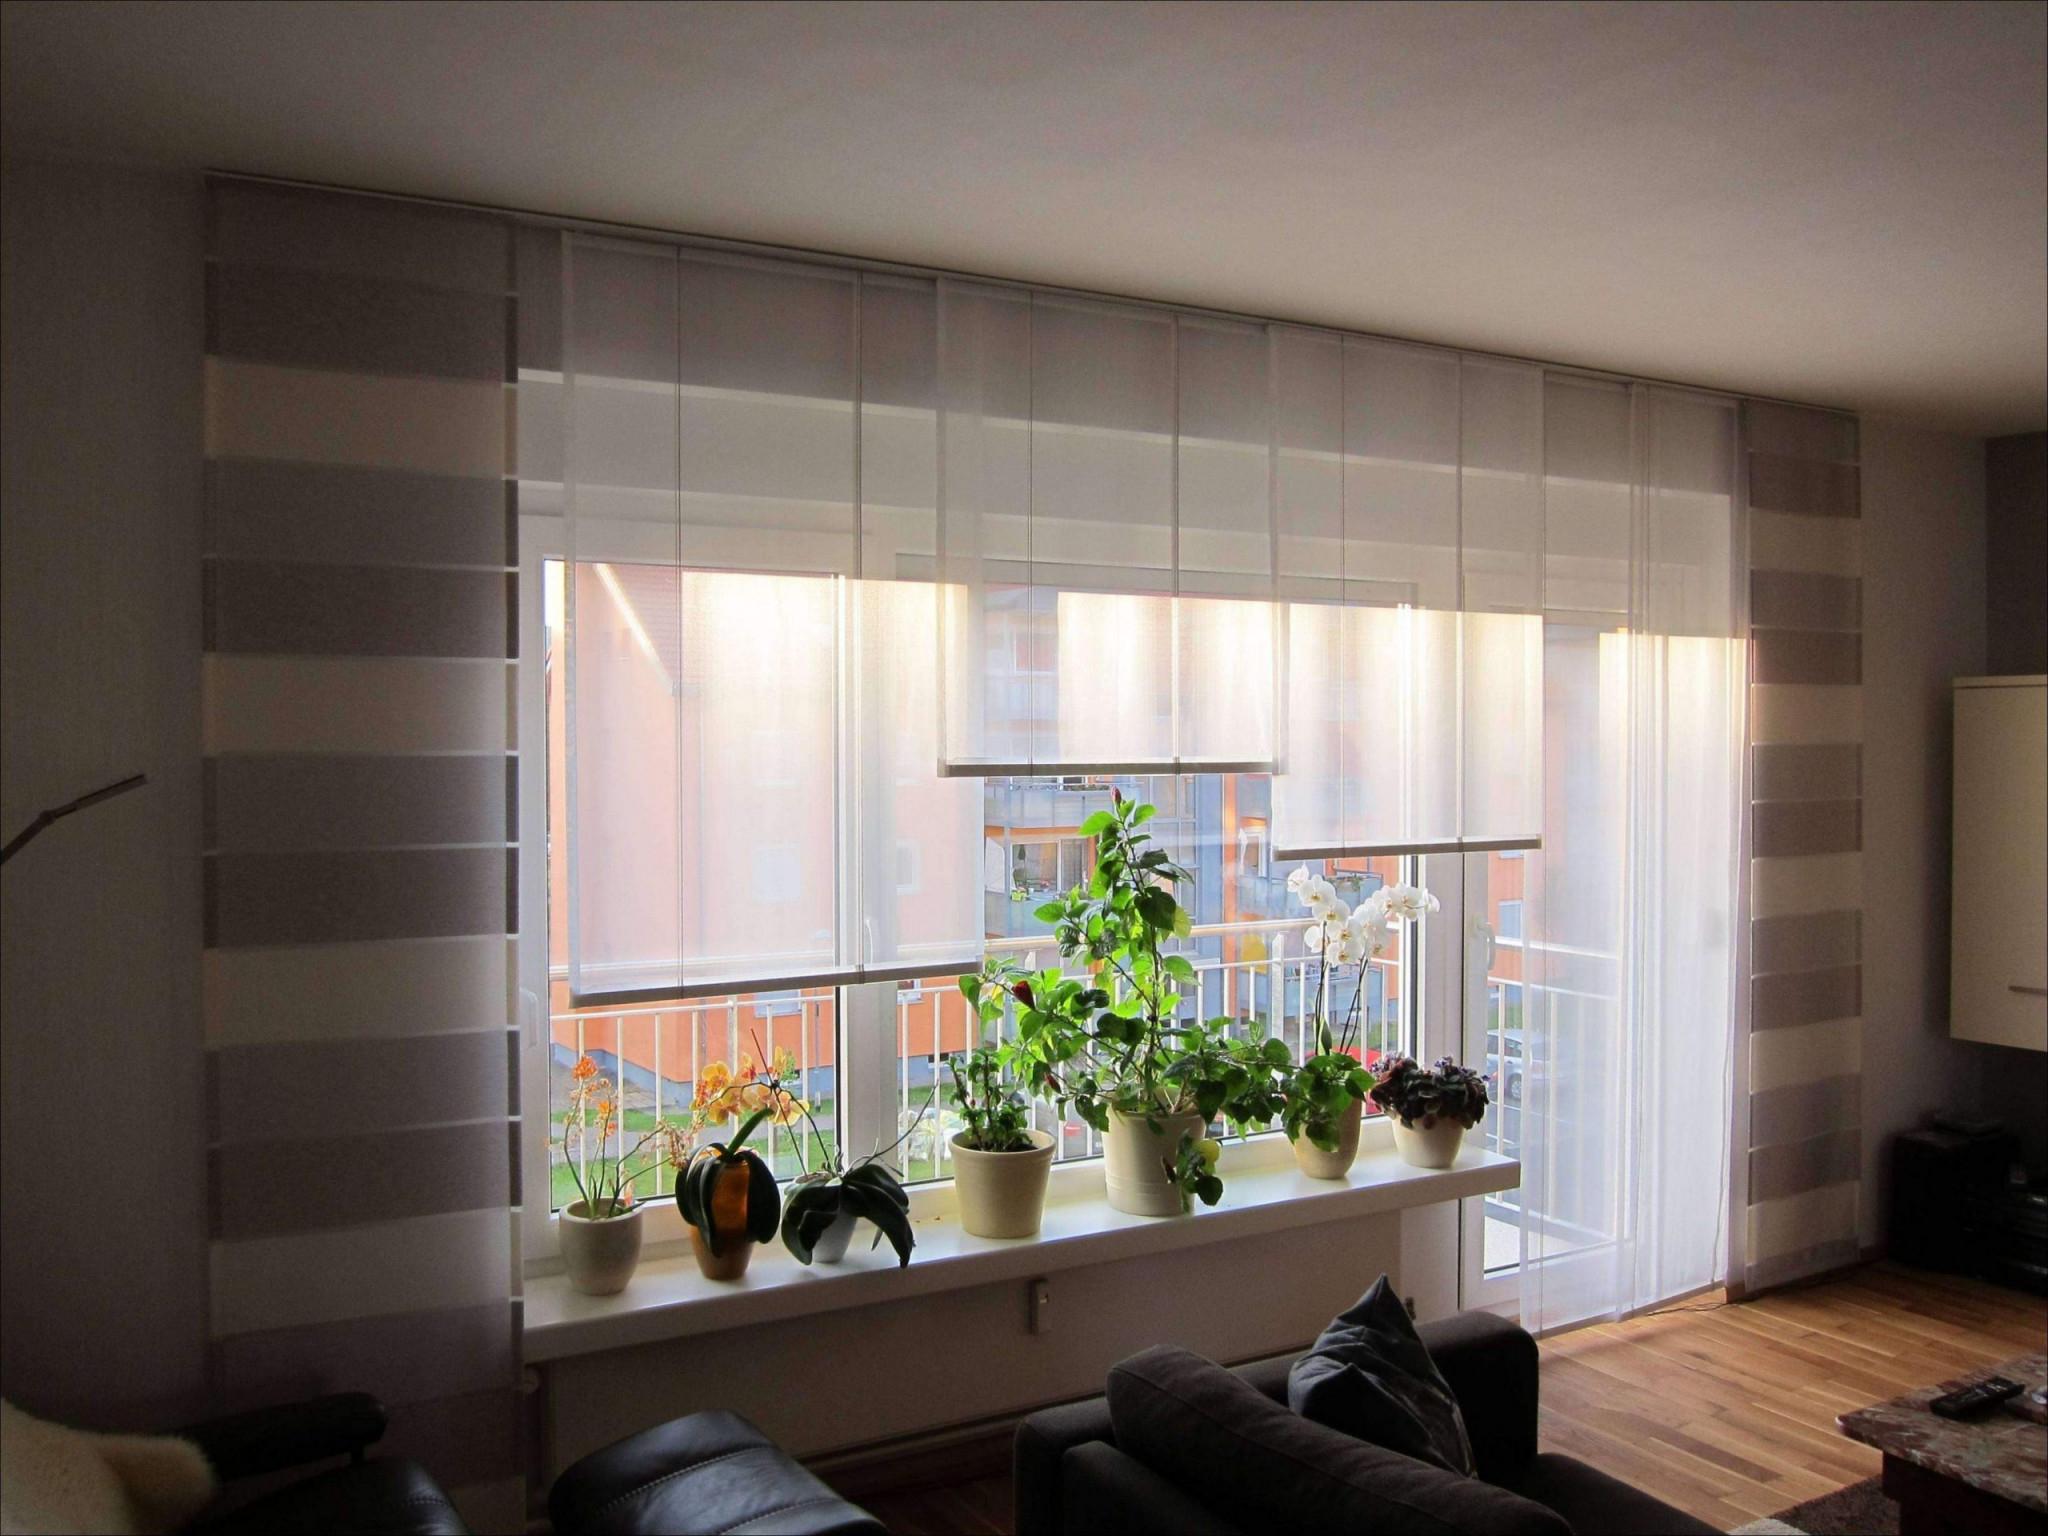 Gardinen Stores Für Wohnzimmer Einzigartig 36 Genial von Gardinen Stores Wohnzimmer Photo